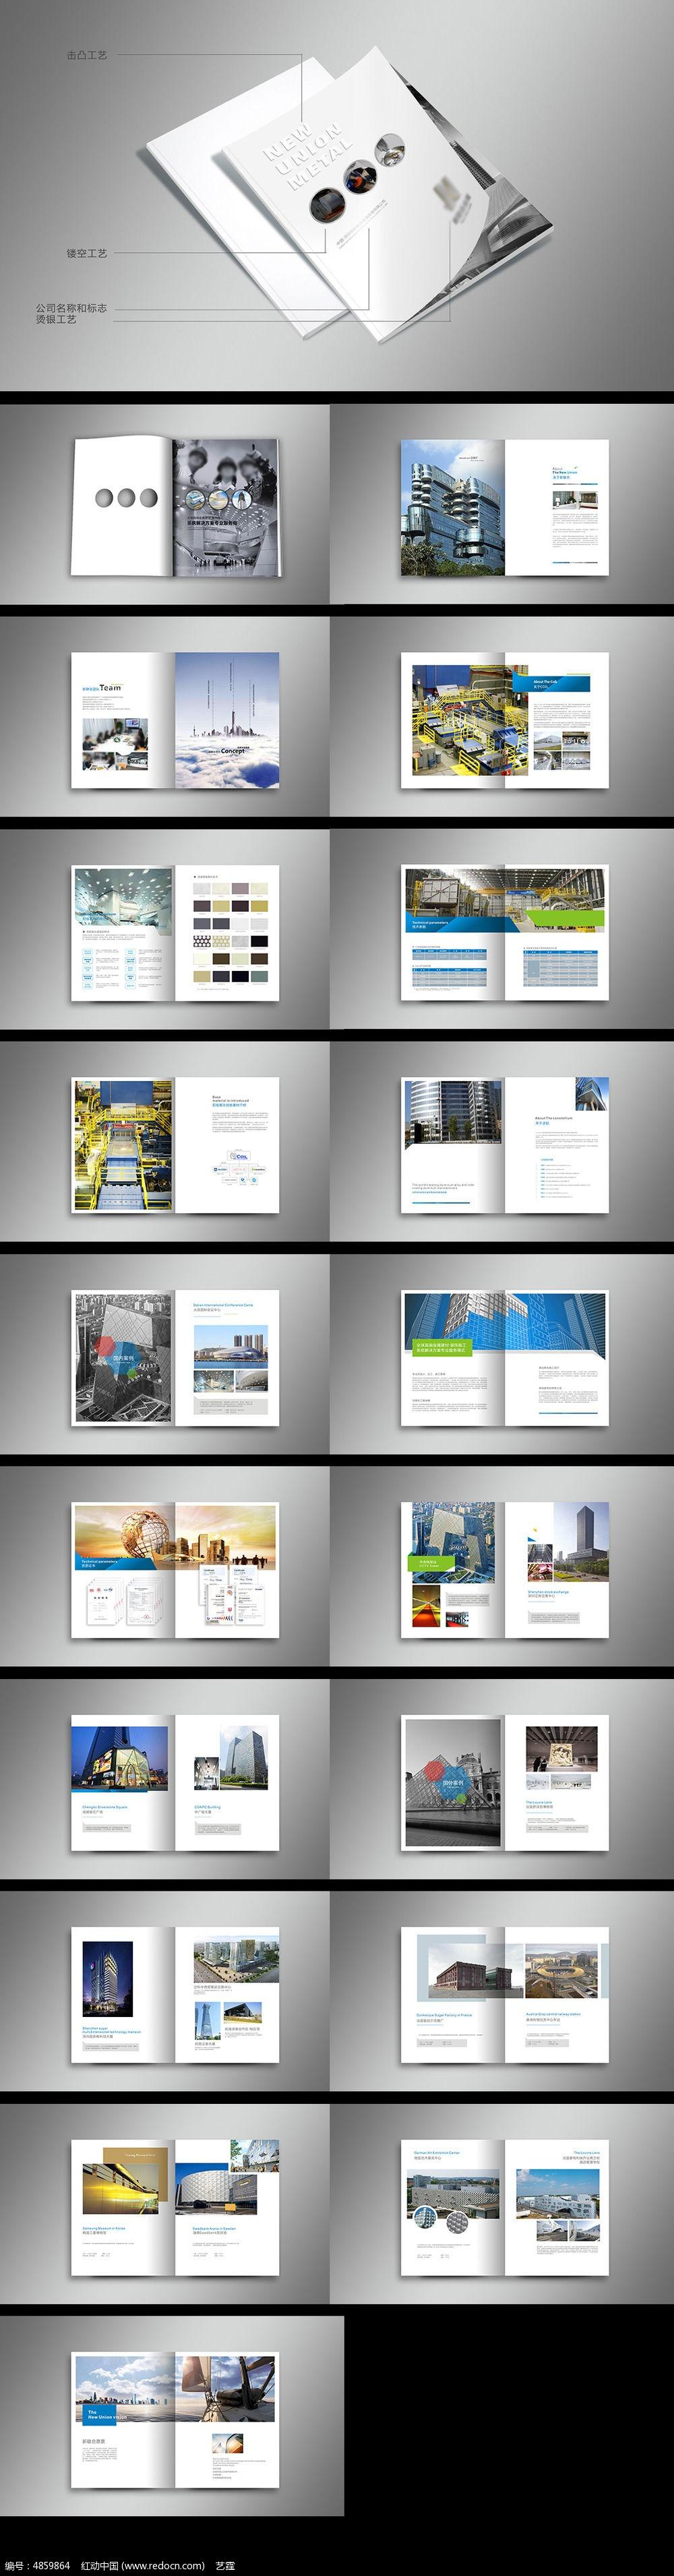 金属建材装修施工画册